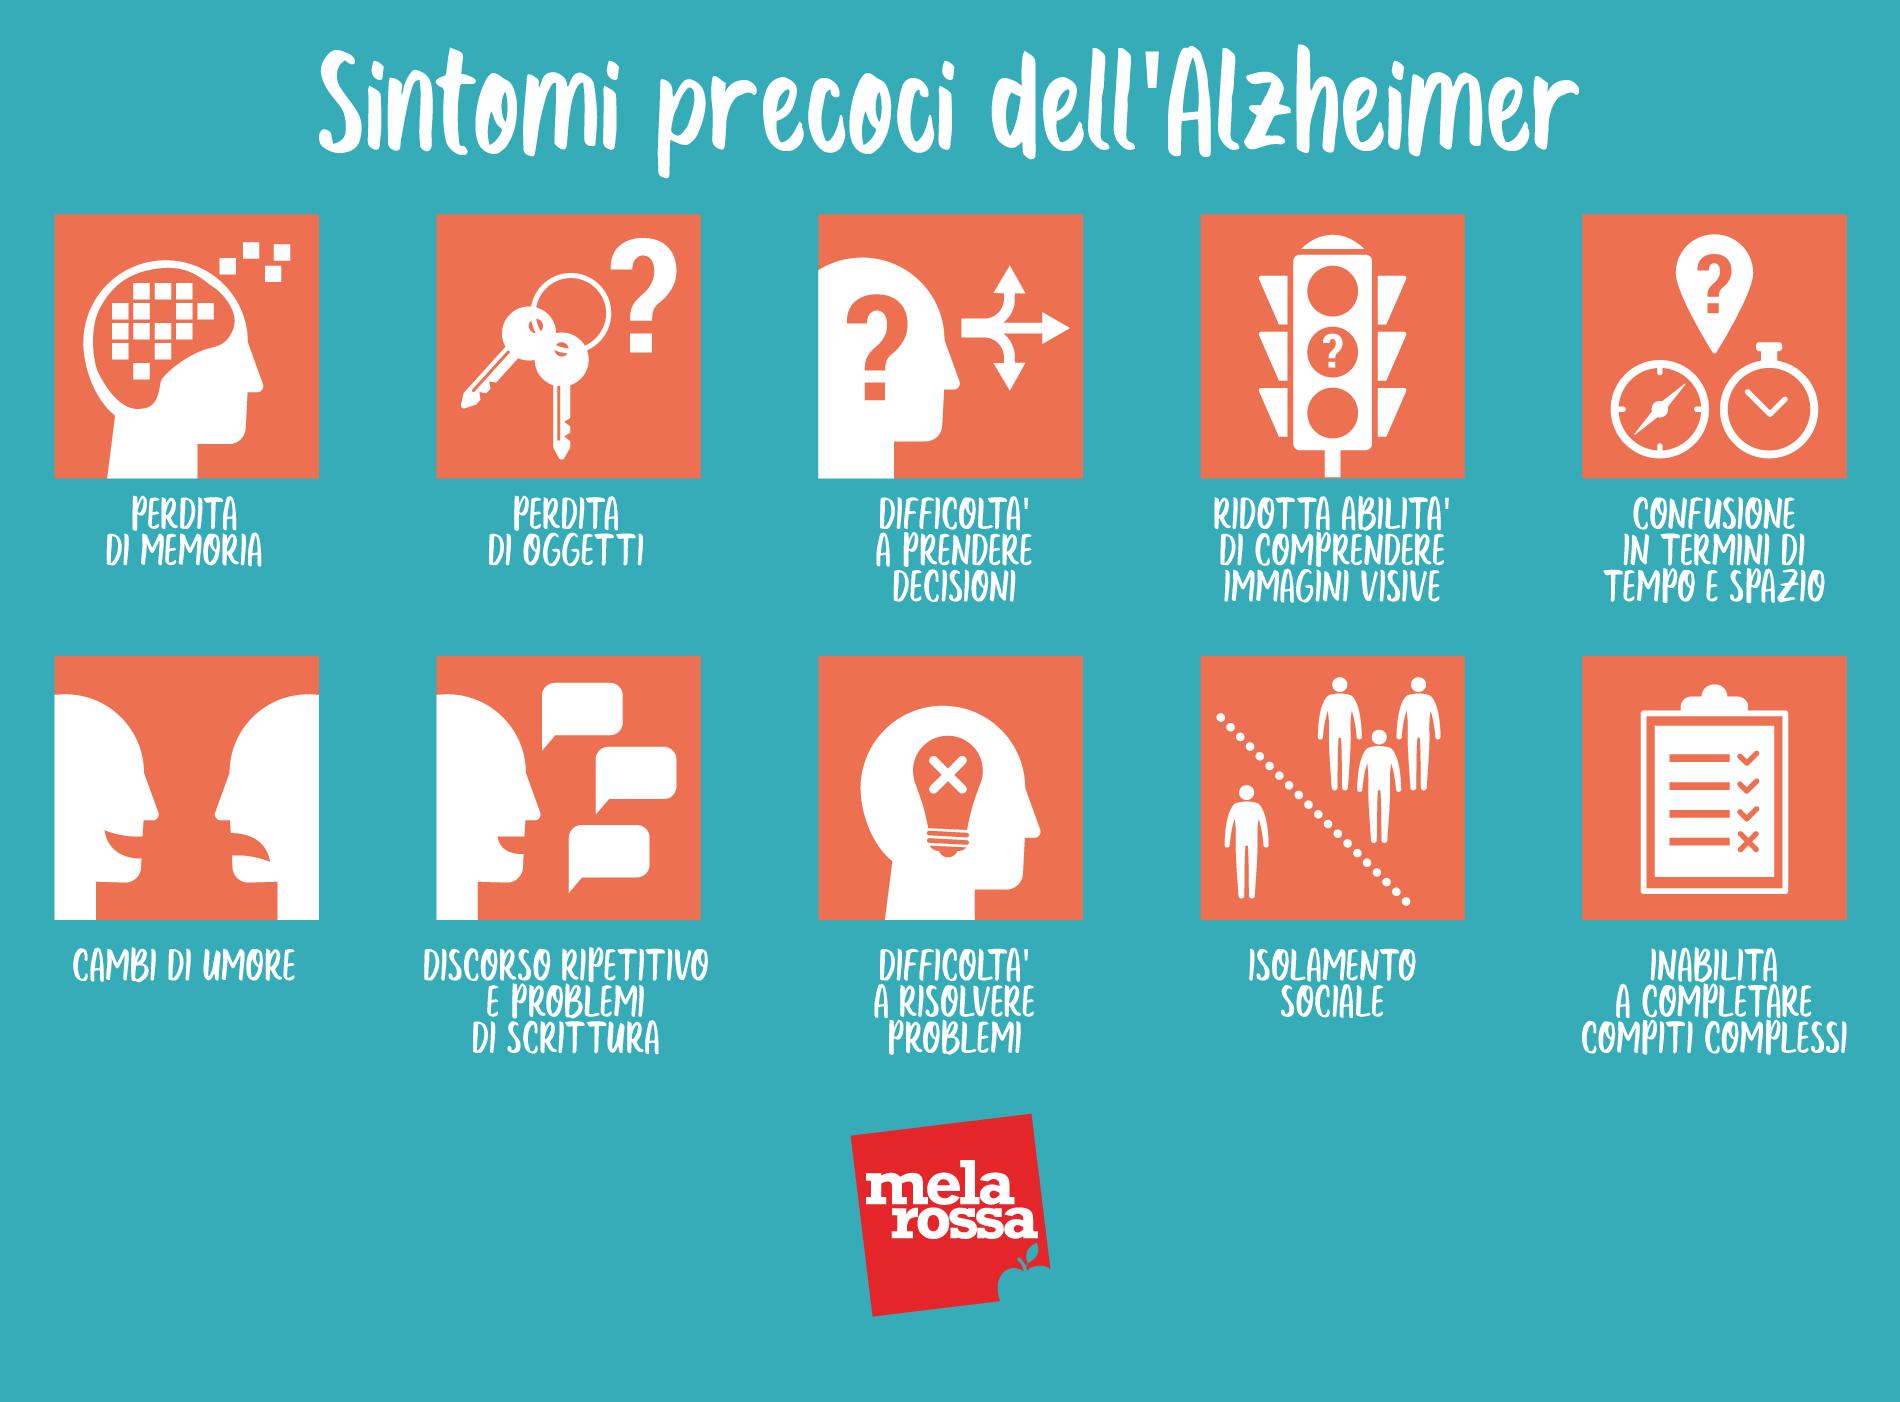 Alzheimer: sintomo precoci